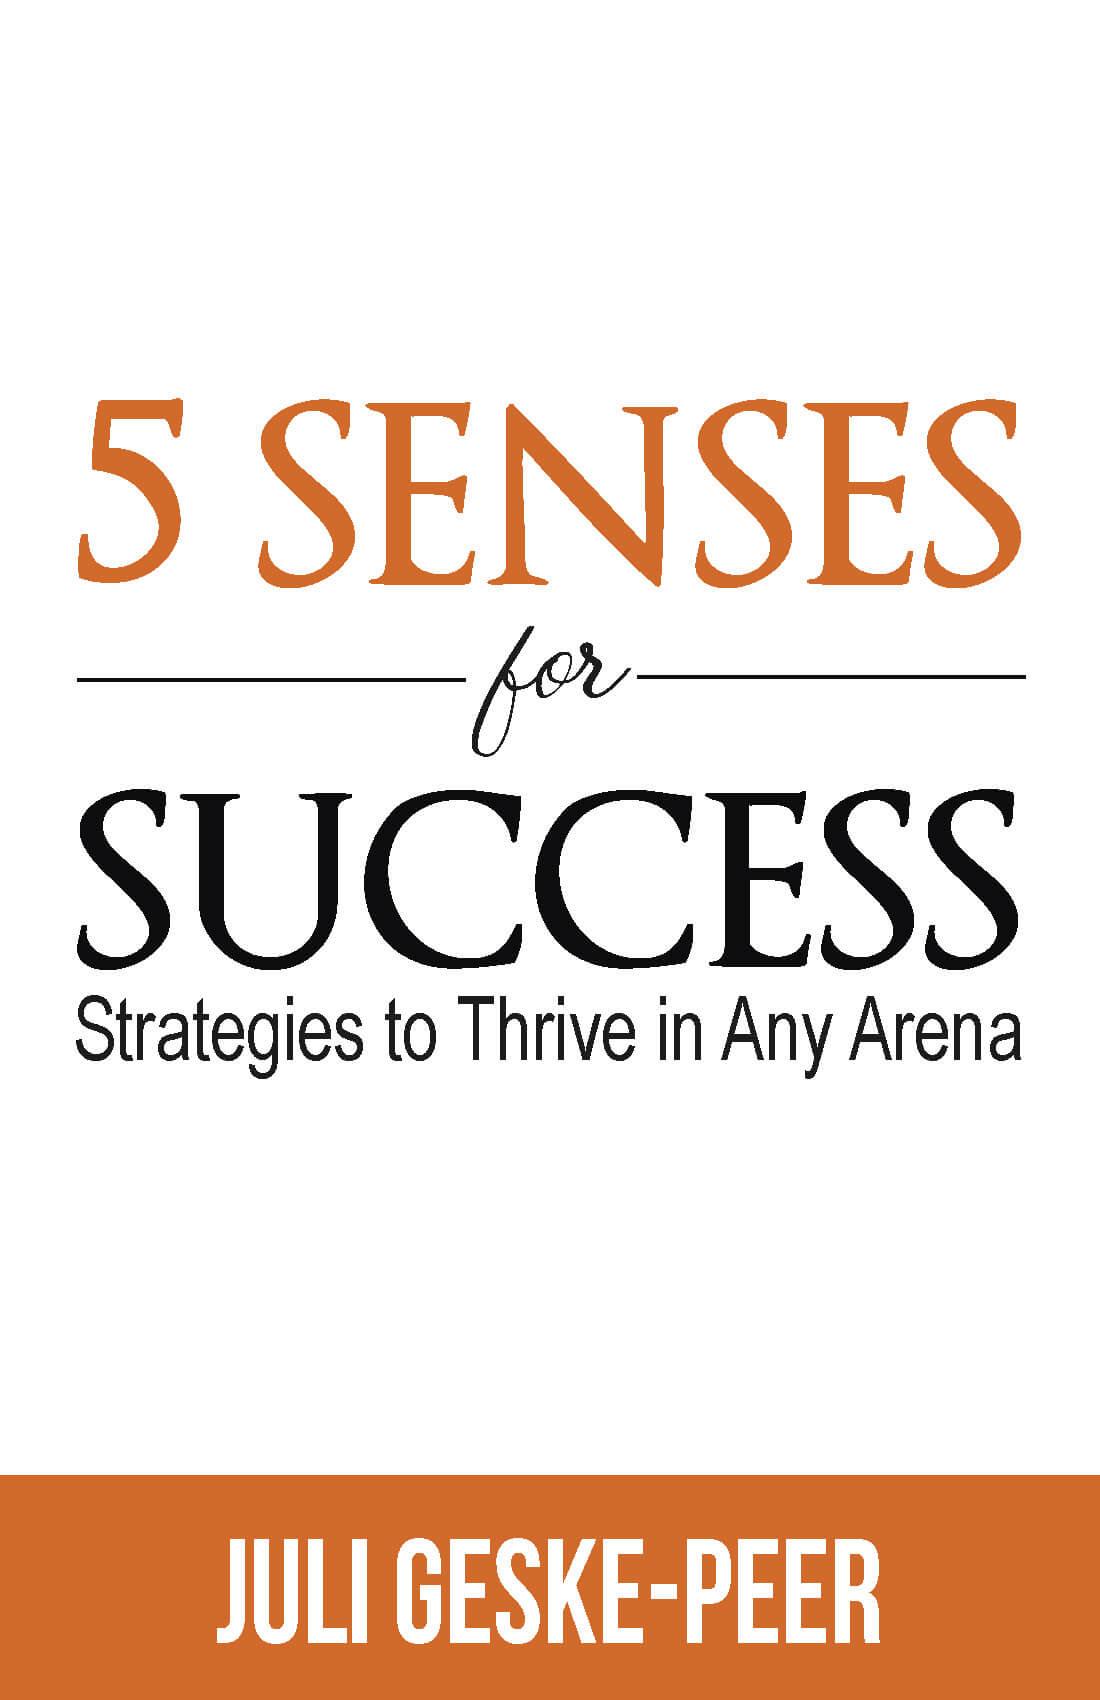 Cover of Juli Geske Peer book, 5 Senses for Success